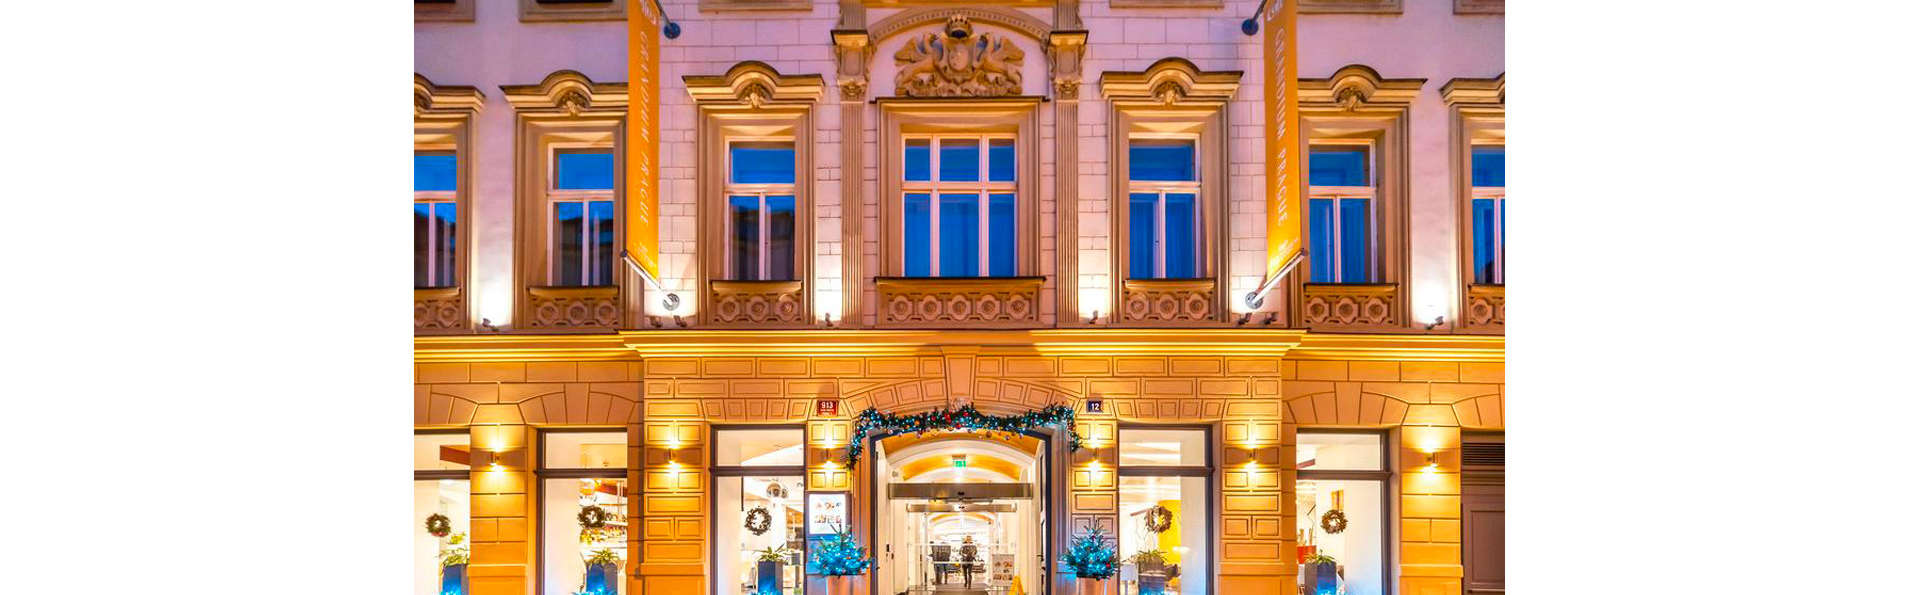 Grandium Prague - EDIT_FRONT_01.jpg